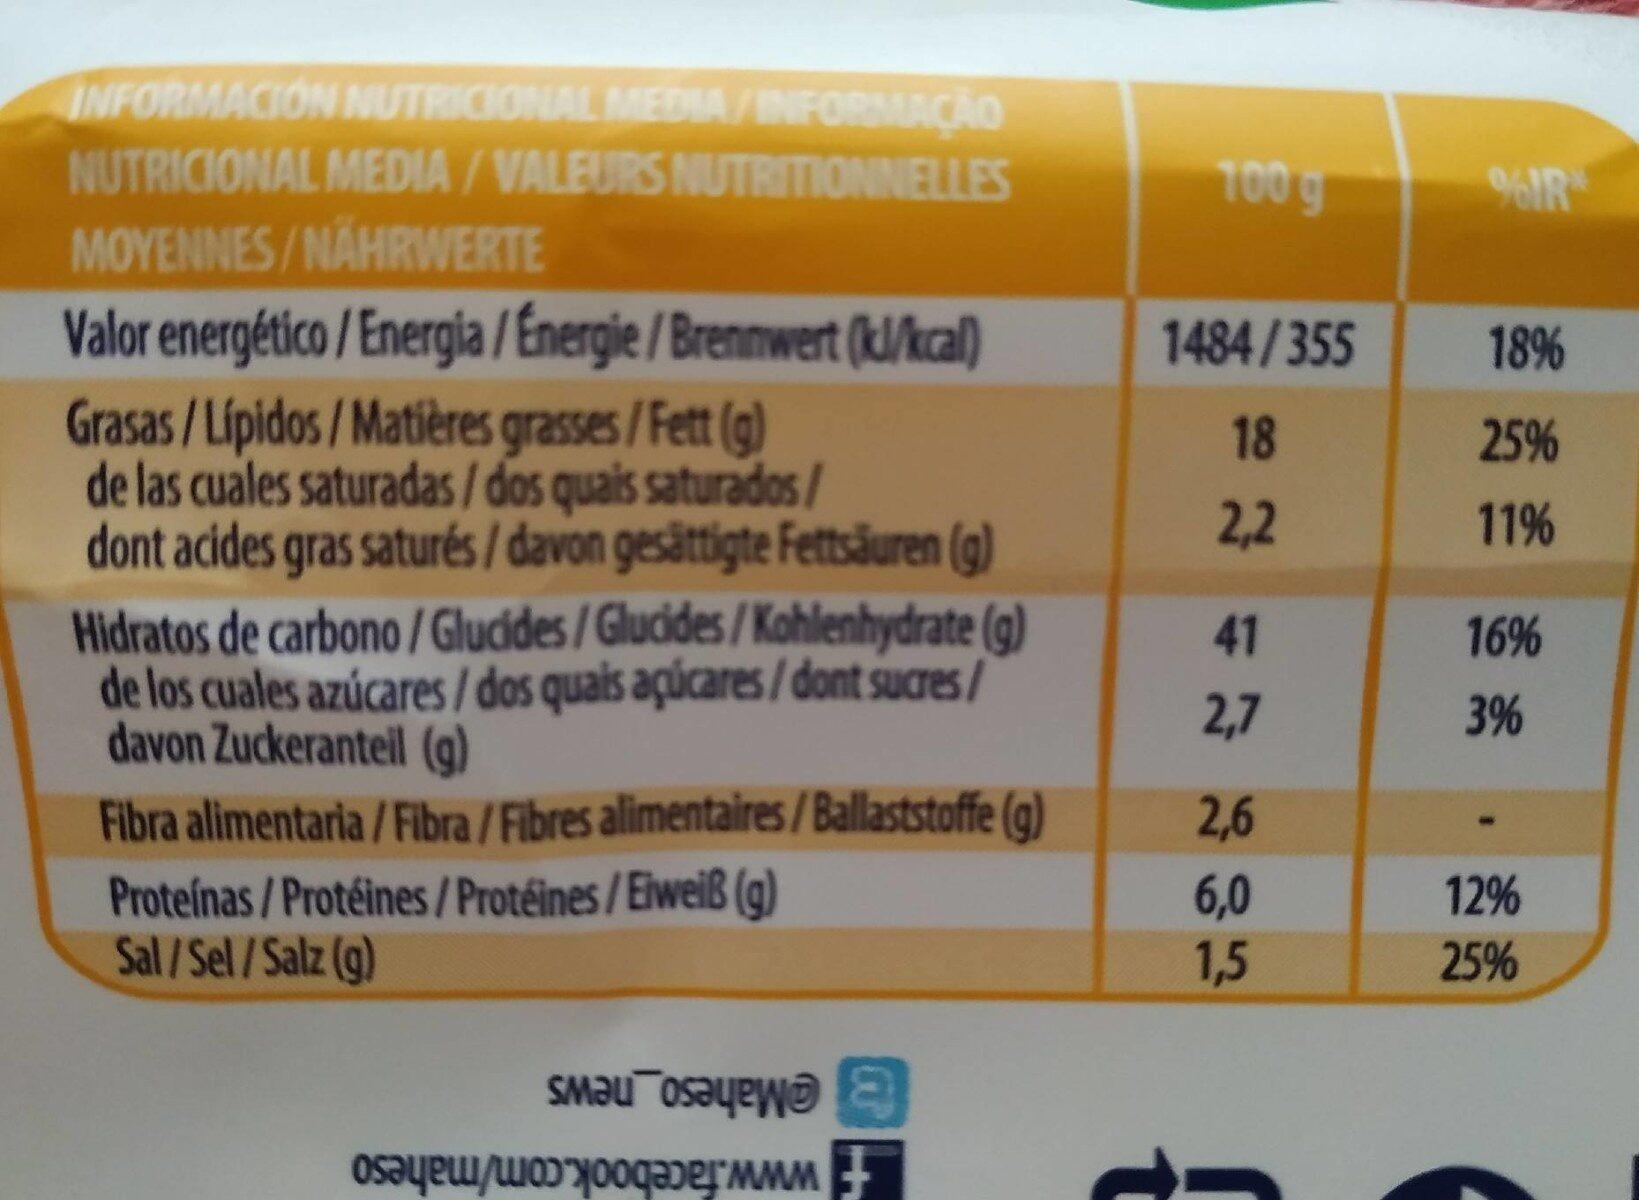 Porras prefritas - Nutrition facts - es